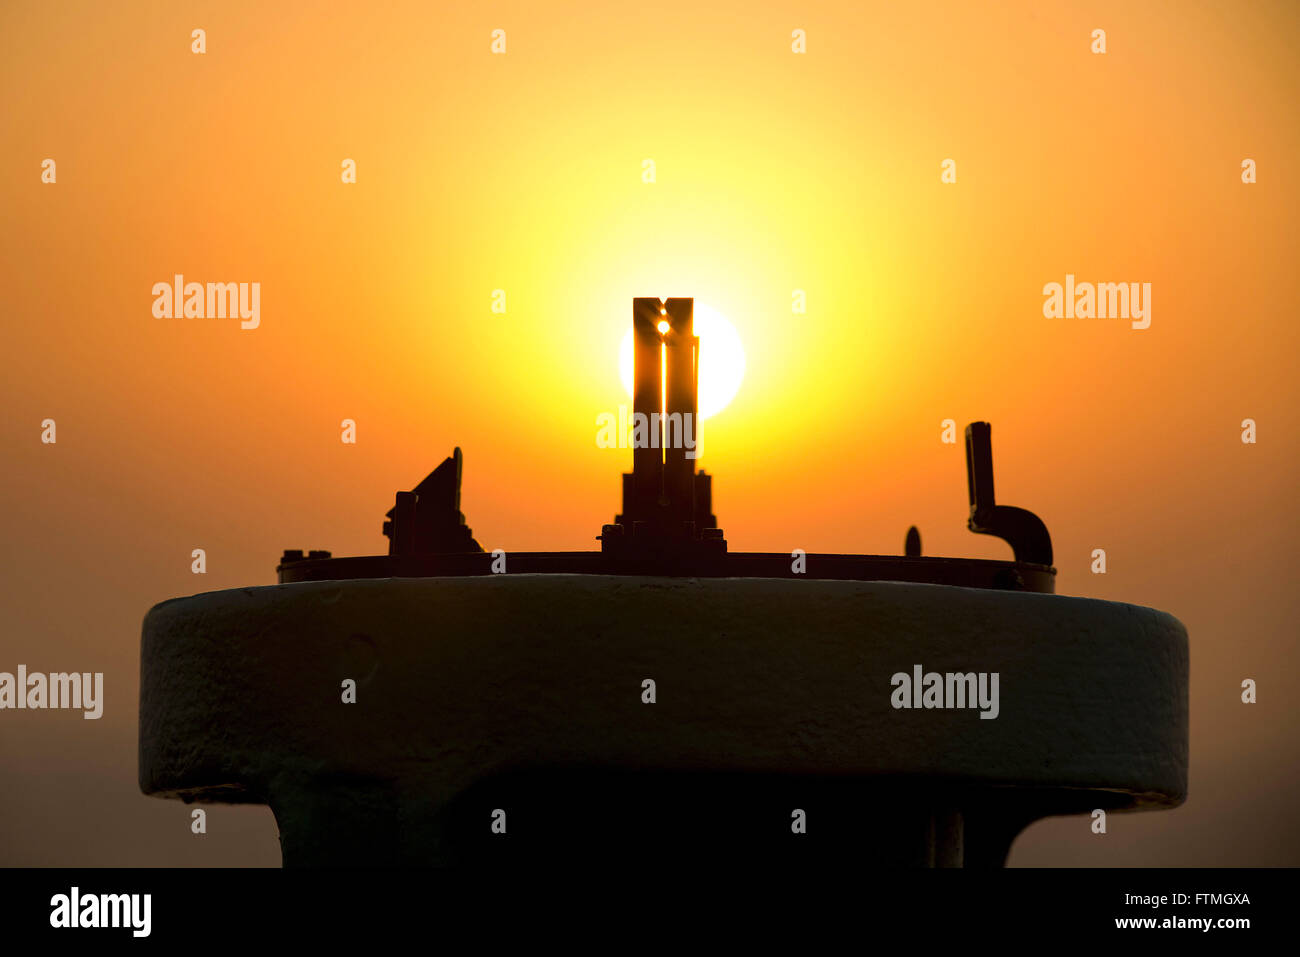 Bussola per la navigazione astronomica localizzazione dell'azimut del sole Immagini Stock